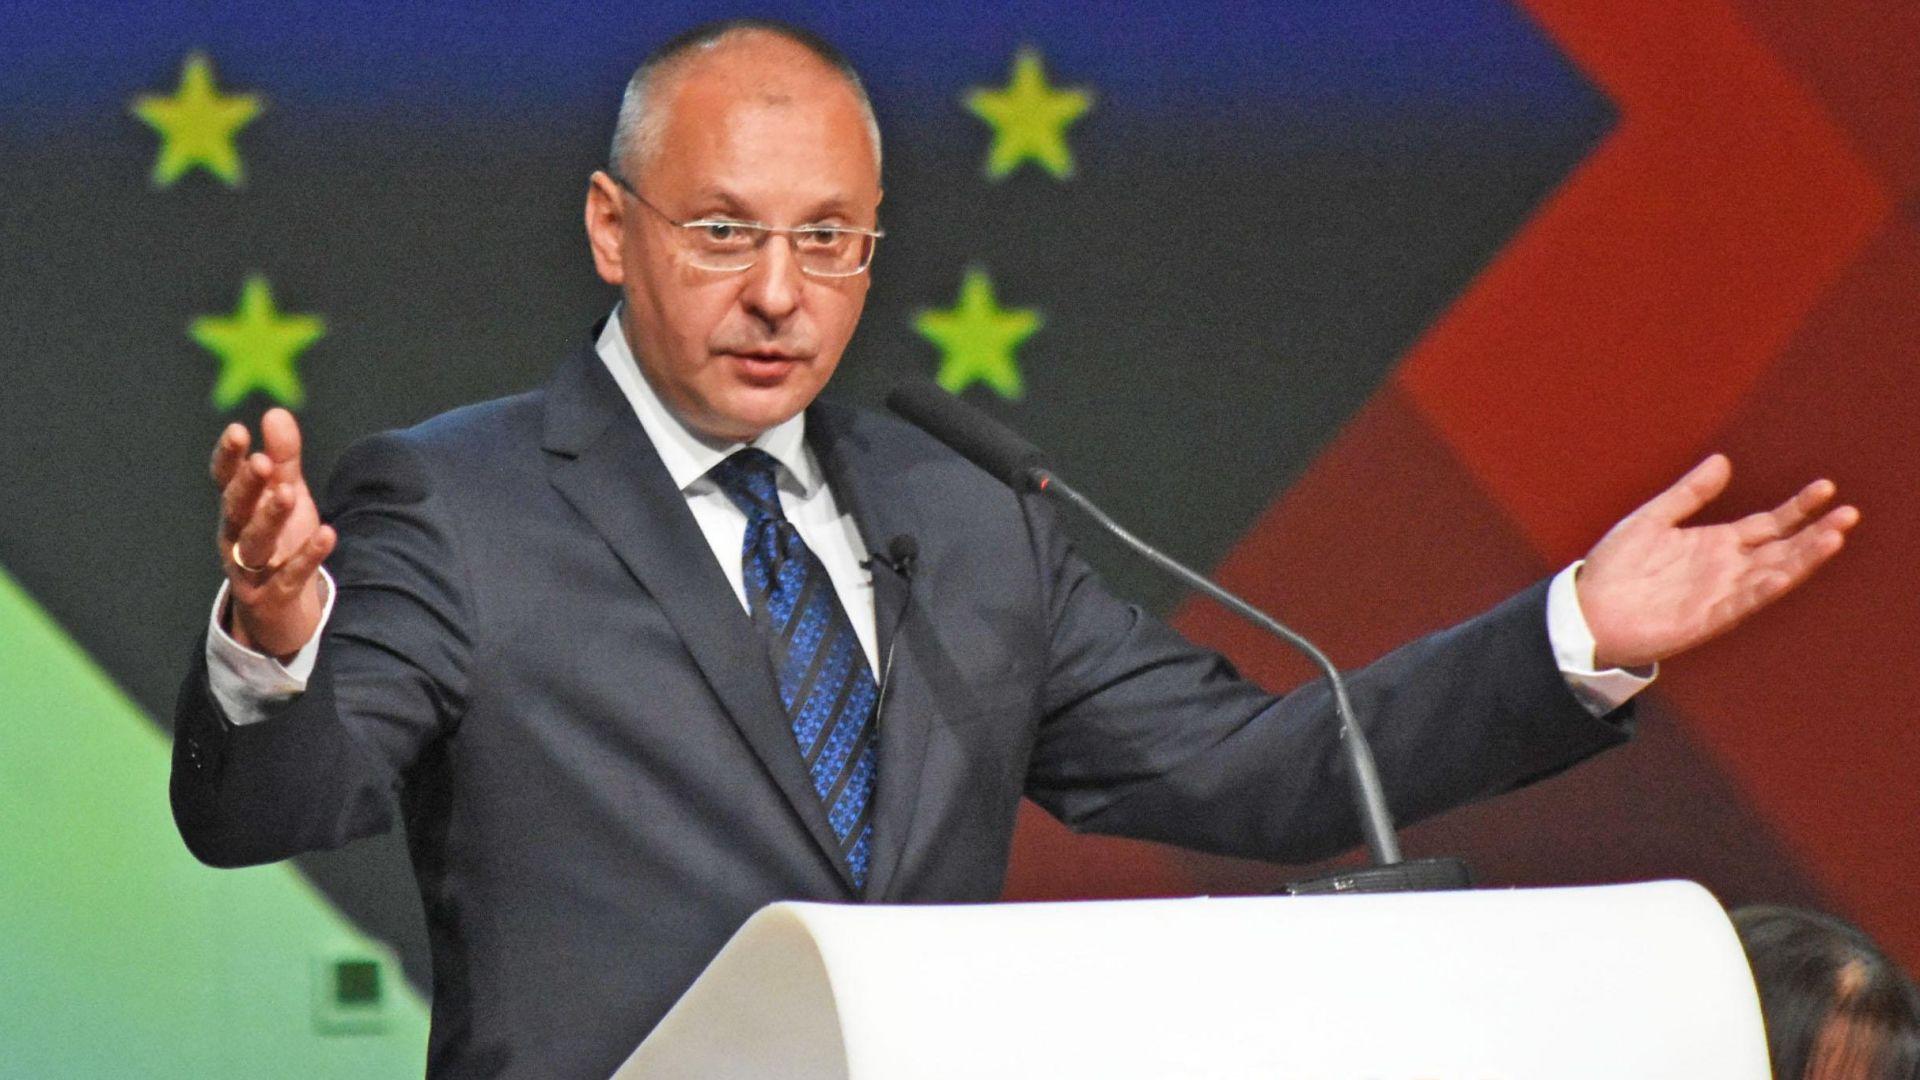 Станишев: Номинацията ми е чест, но по-важно е единството на социалистите